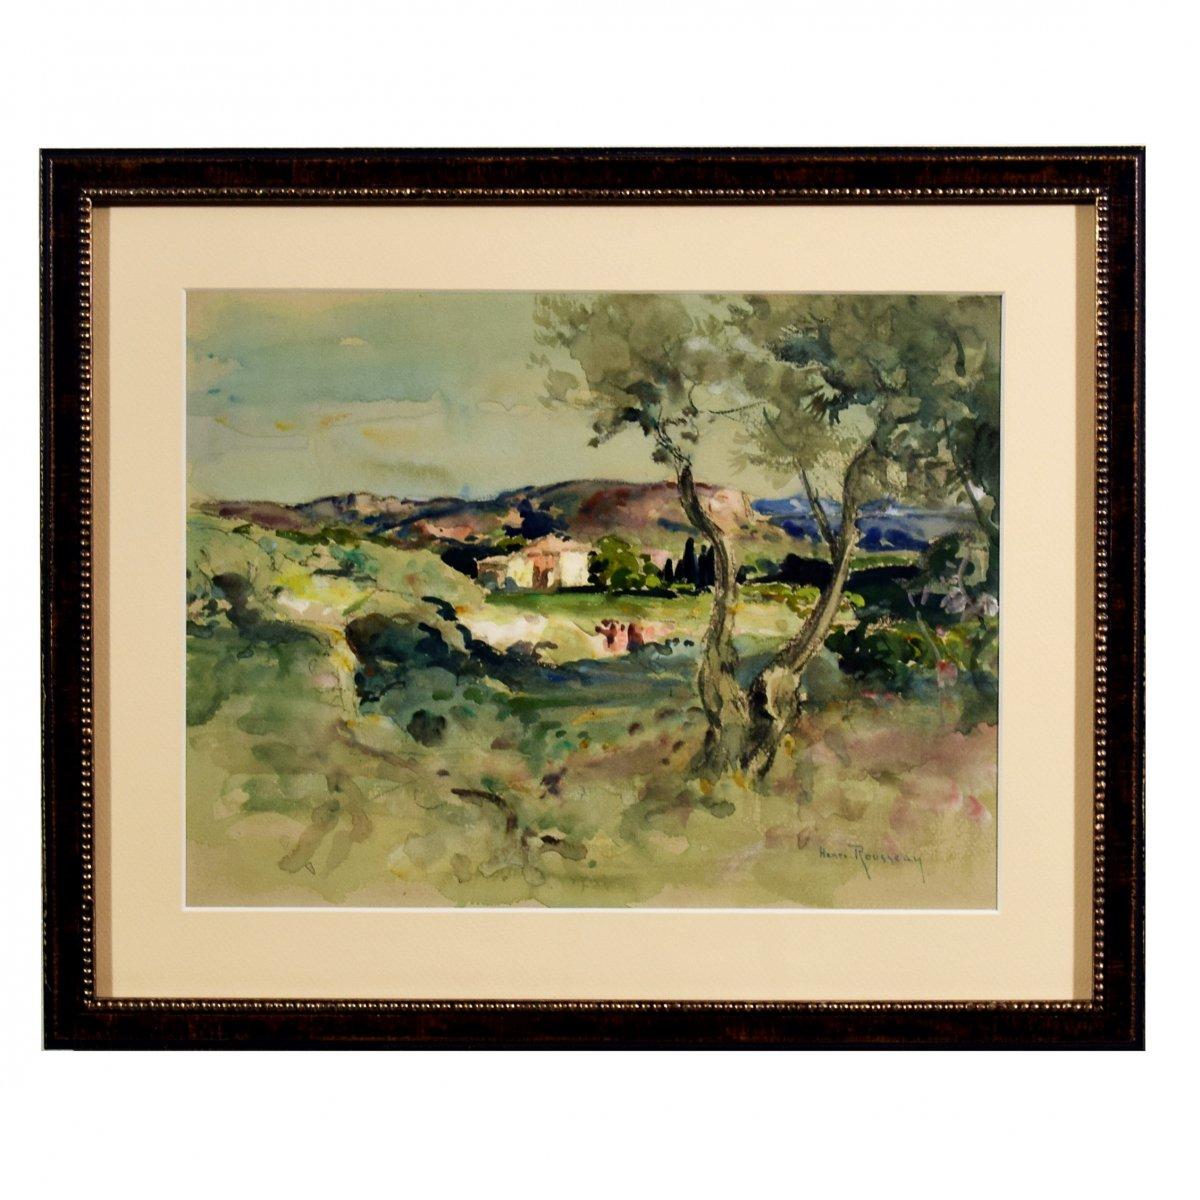 Aquarelle gouachée par Henri Emilien Rousseau Paysage de Provence